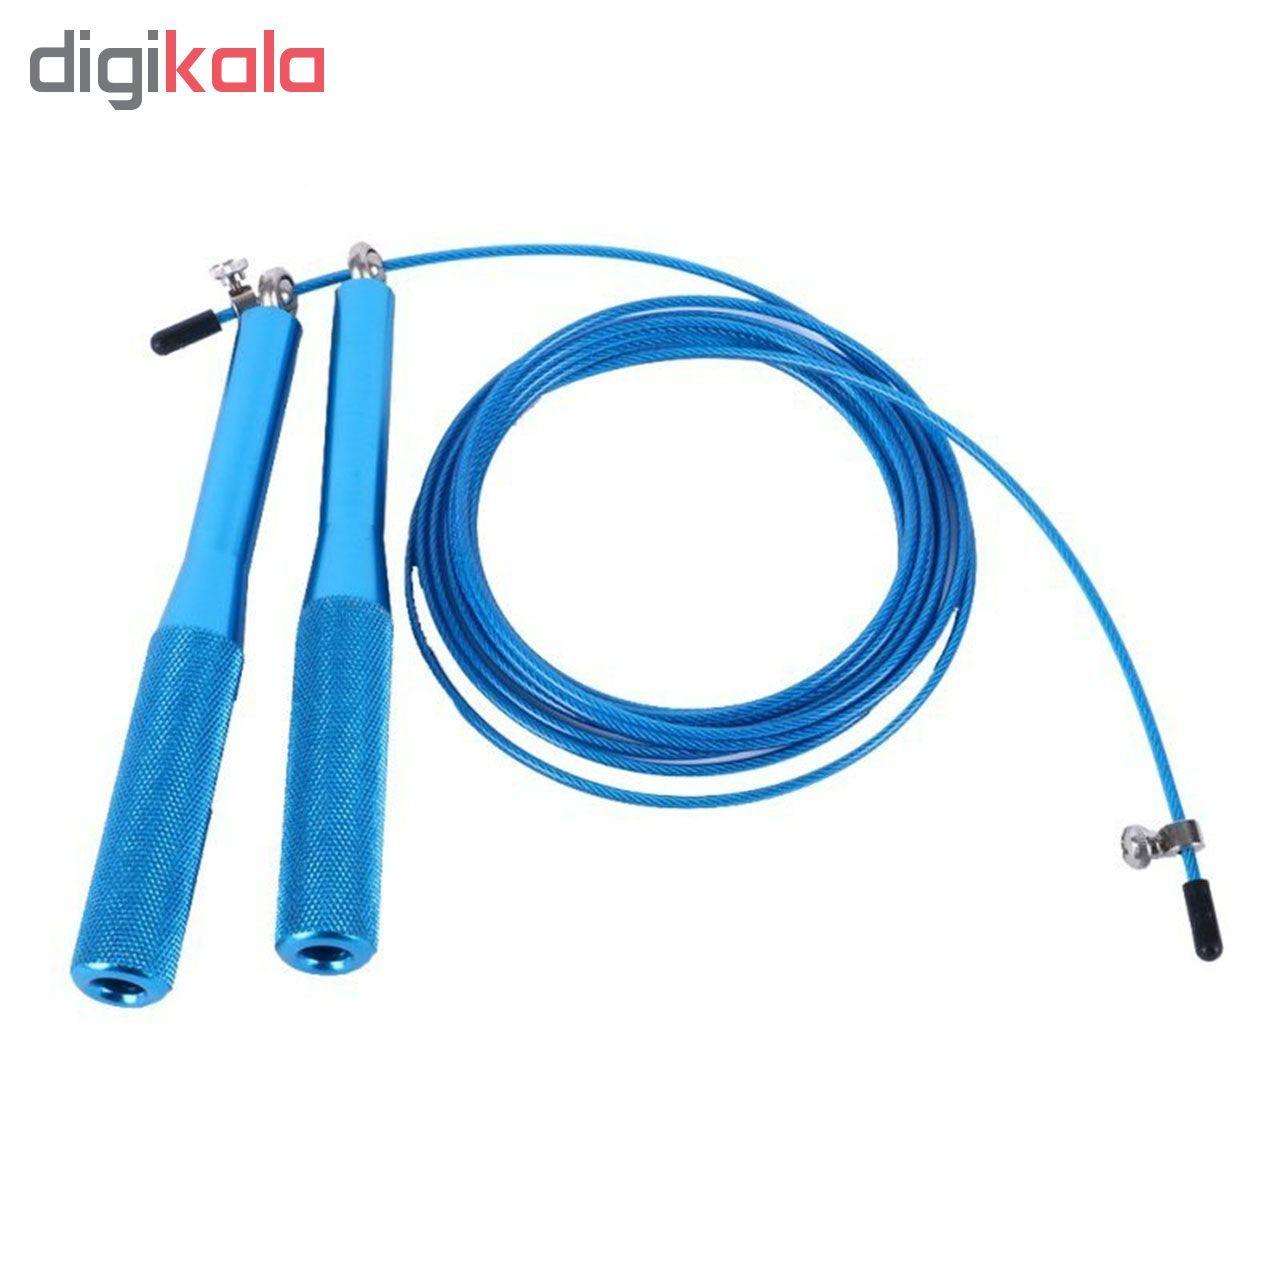 طناب ورزشی کراس فیت مدل 7 Speed Rope Fitness به همراه دستبند پاور بالانس main 1 8